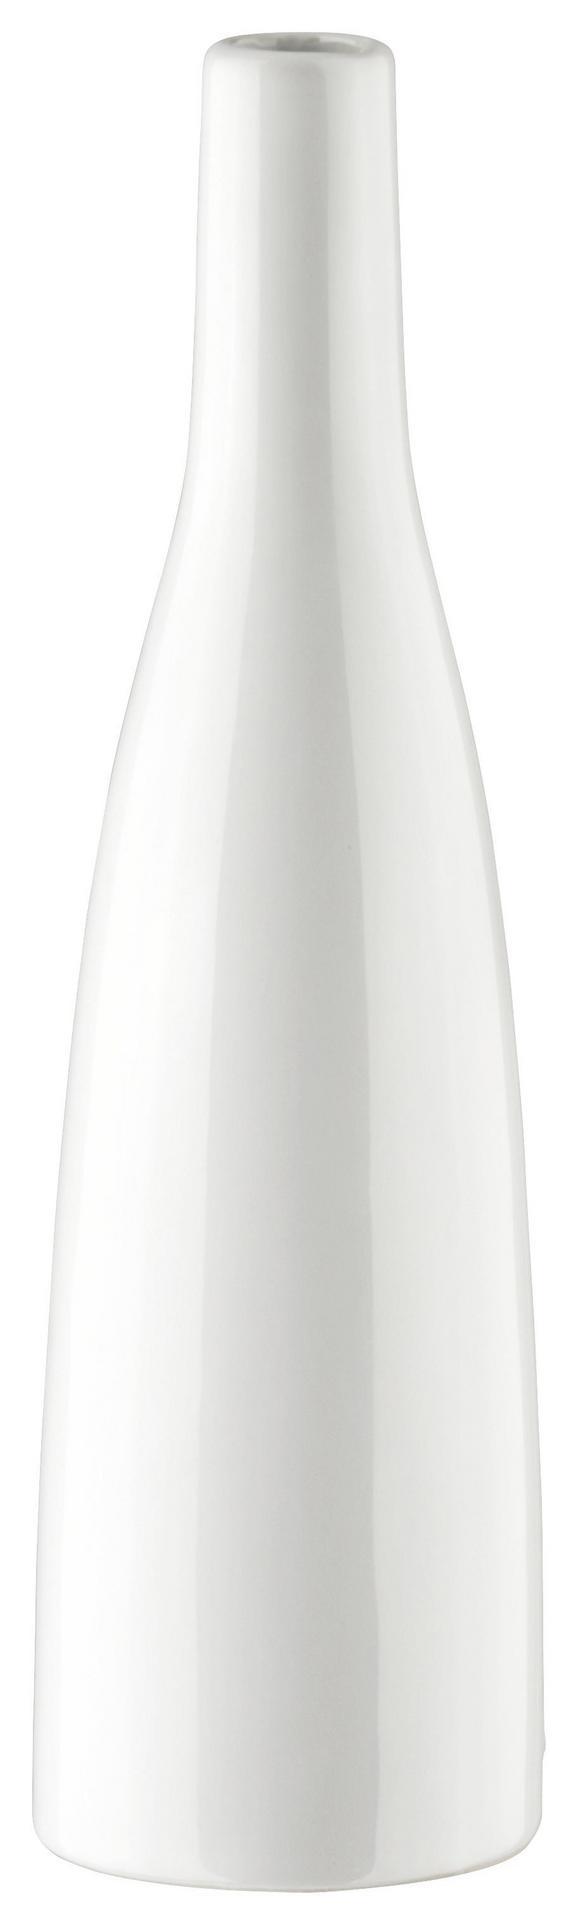 Vase Plancio in Weiß aus Glas - Weiß, MODERN, Keramik (27cm) - Mömax modern living